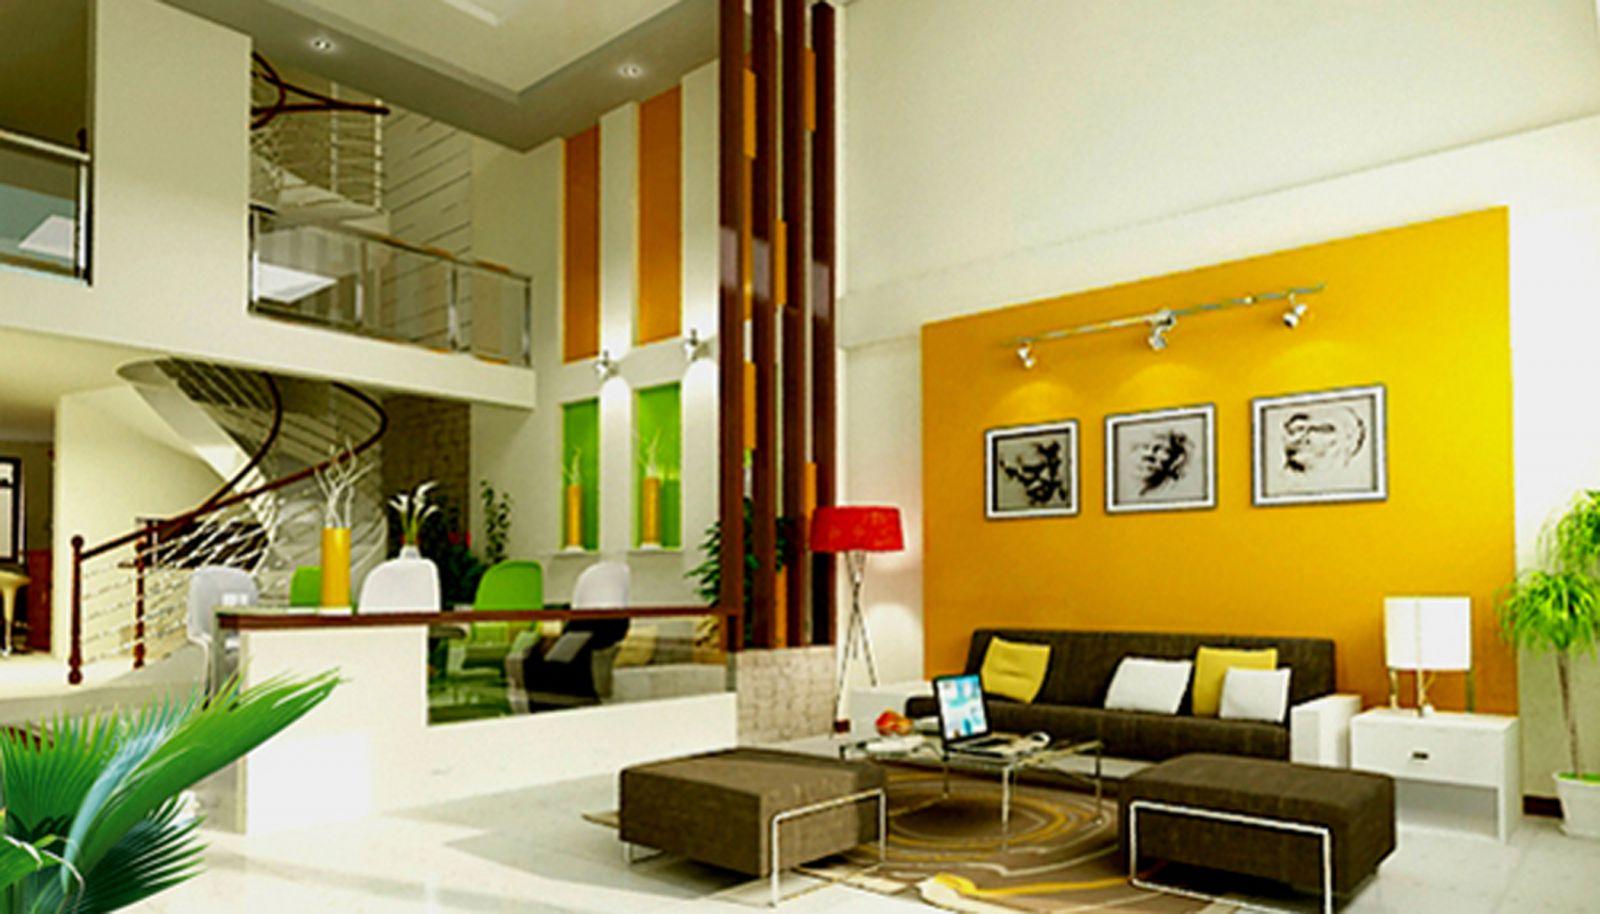 Thiết kế nội thất nhà phố hợp phong thủy đón tài lộc